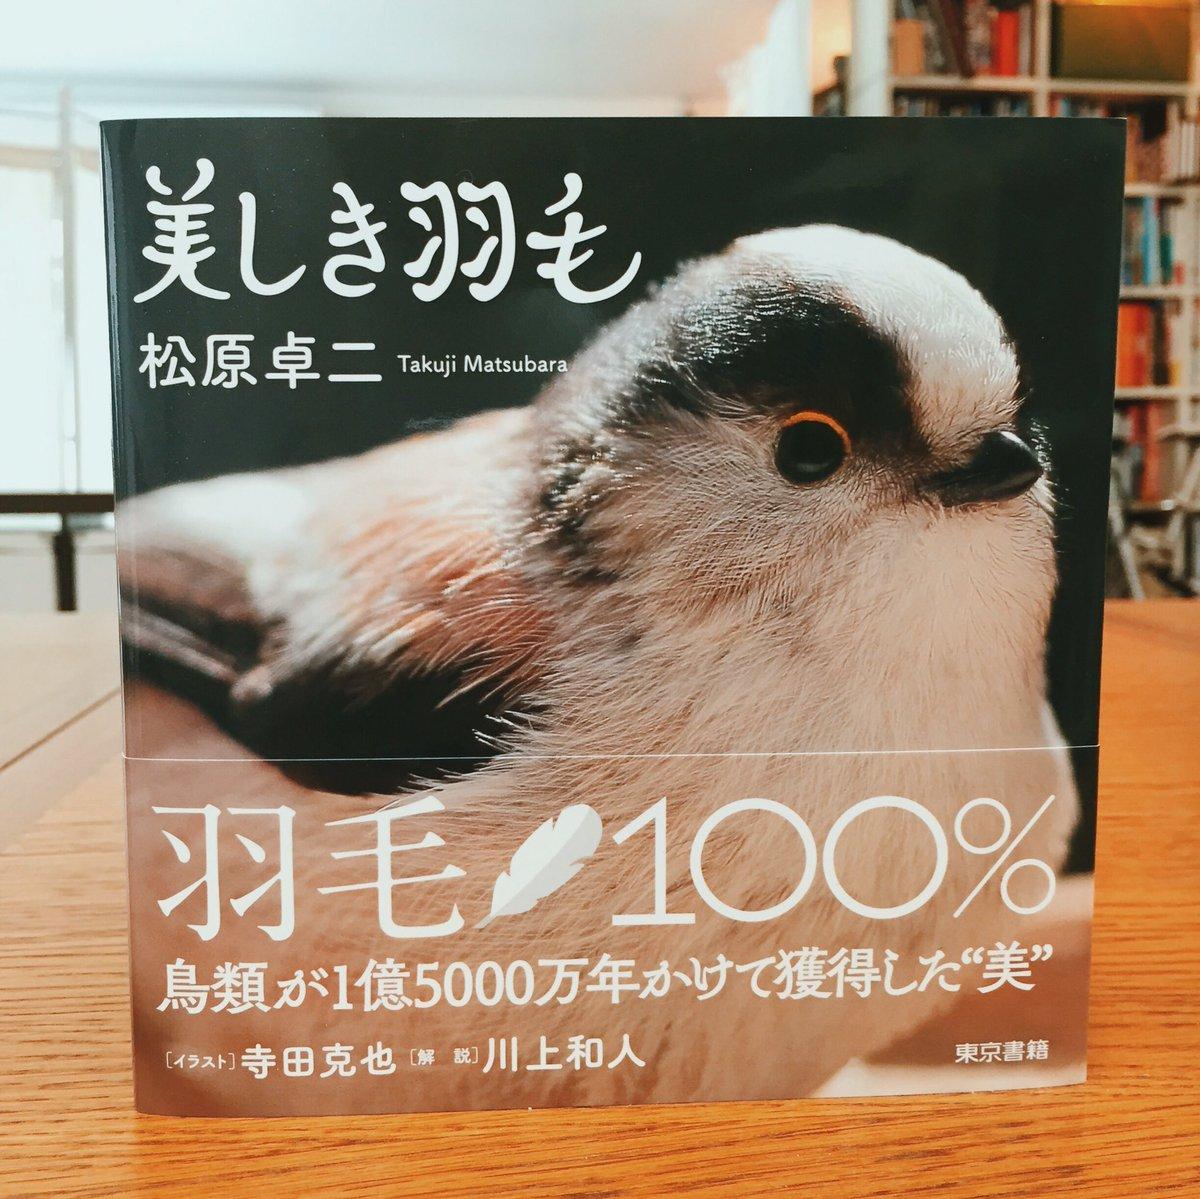 つ…遂に完成しましたよ、美しい鳥の羽だけで構成された松原卓二さんの写真集『美しき羽毛』東京書籍刊。FMスクリーンで羽の細部が何処までも何処までもビシィぃぃぃぃぃっと美麗に刷り上がった羽毛100%の本です。ルーペで是非見て欲しい https://t.co/lDDiOsUYVN